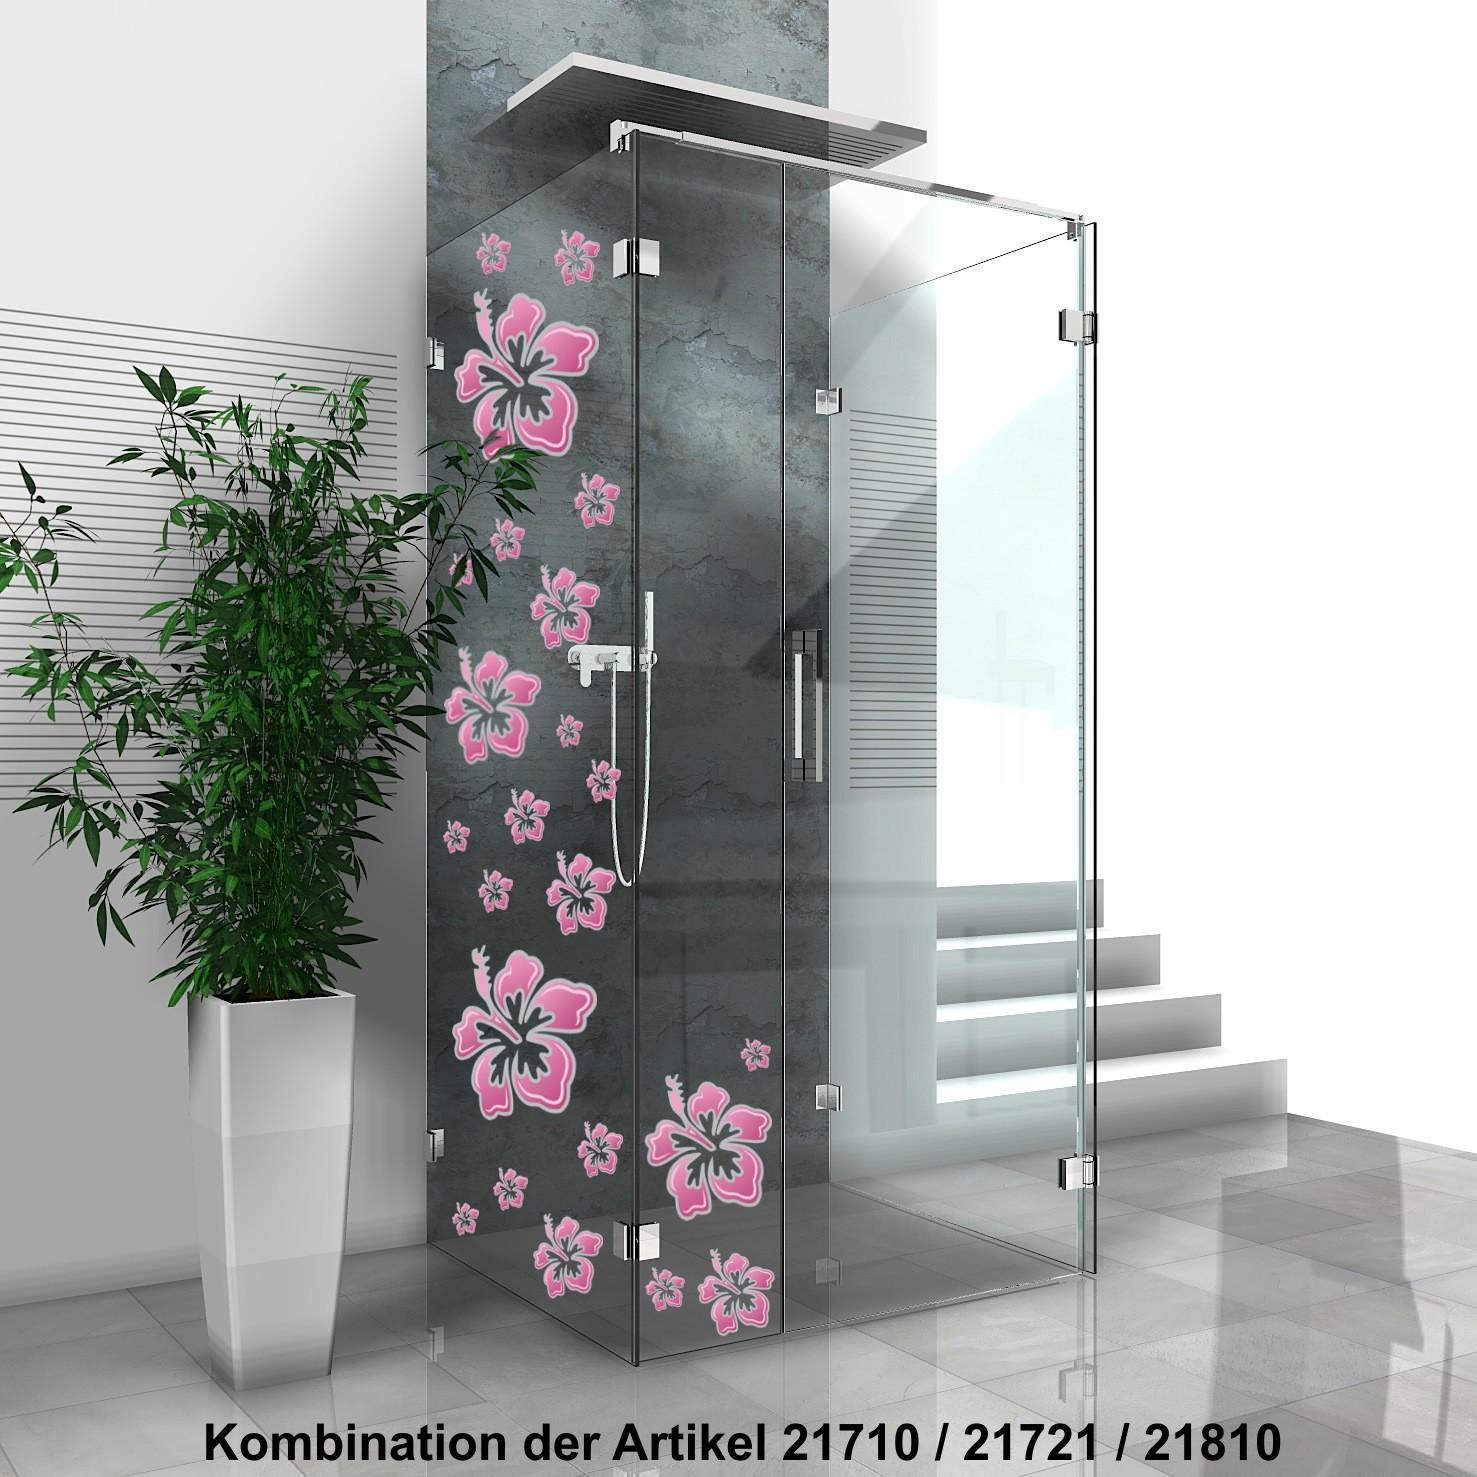 Autocollant fleuraison du hibiscus 180 x 160 mm rose/argent – Bild 4